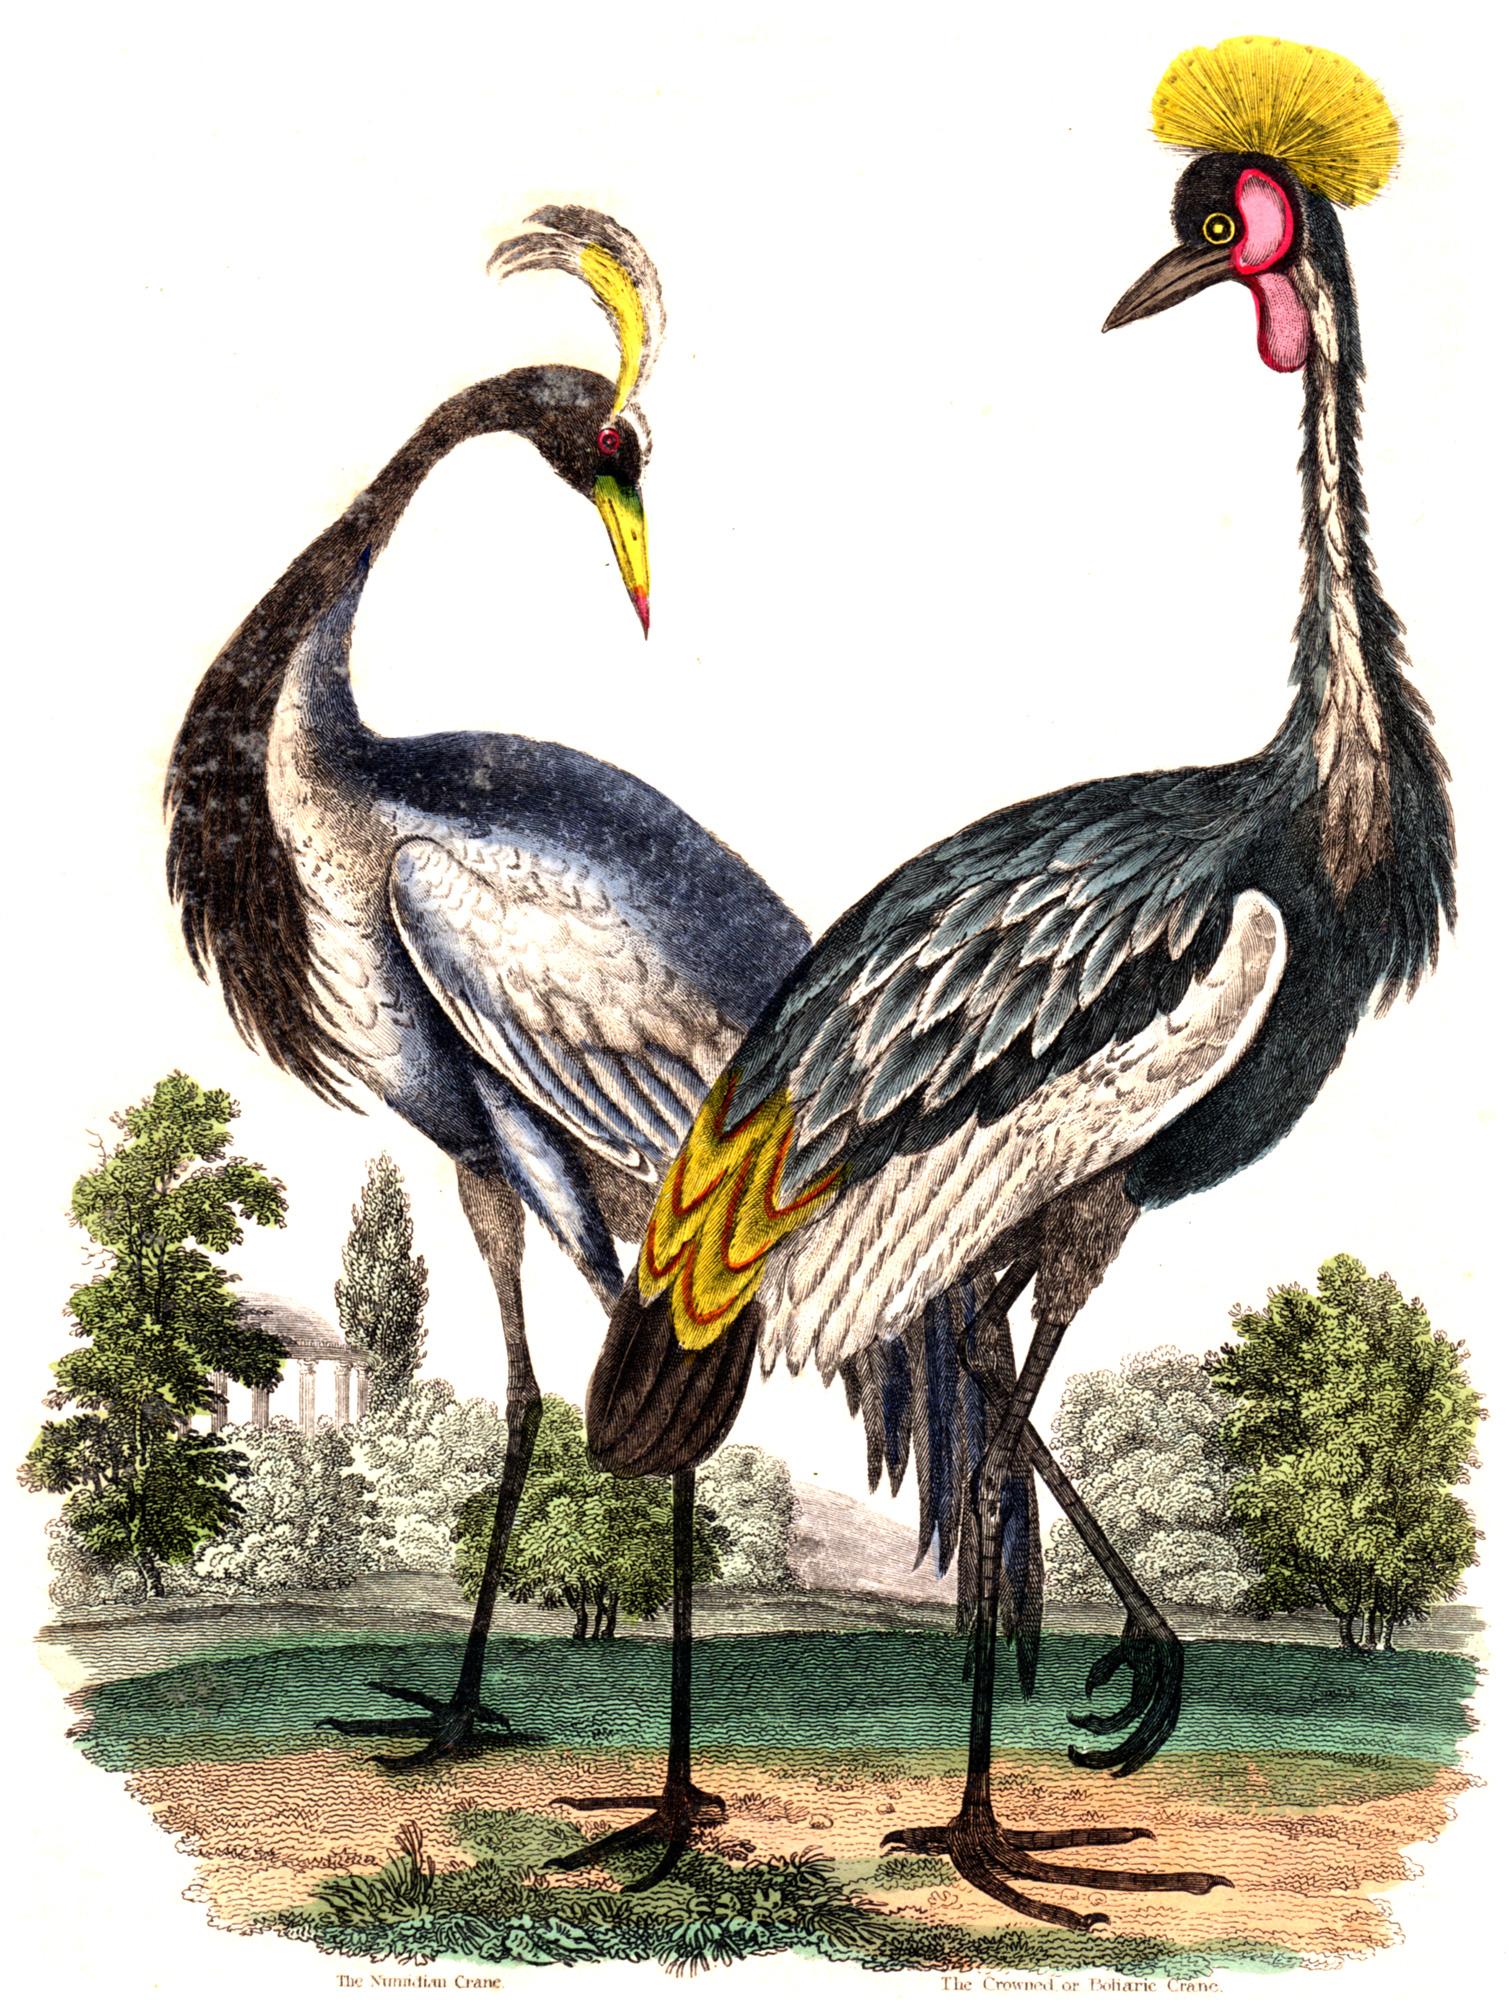 Buffon, Comte de –A Natural History 1834